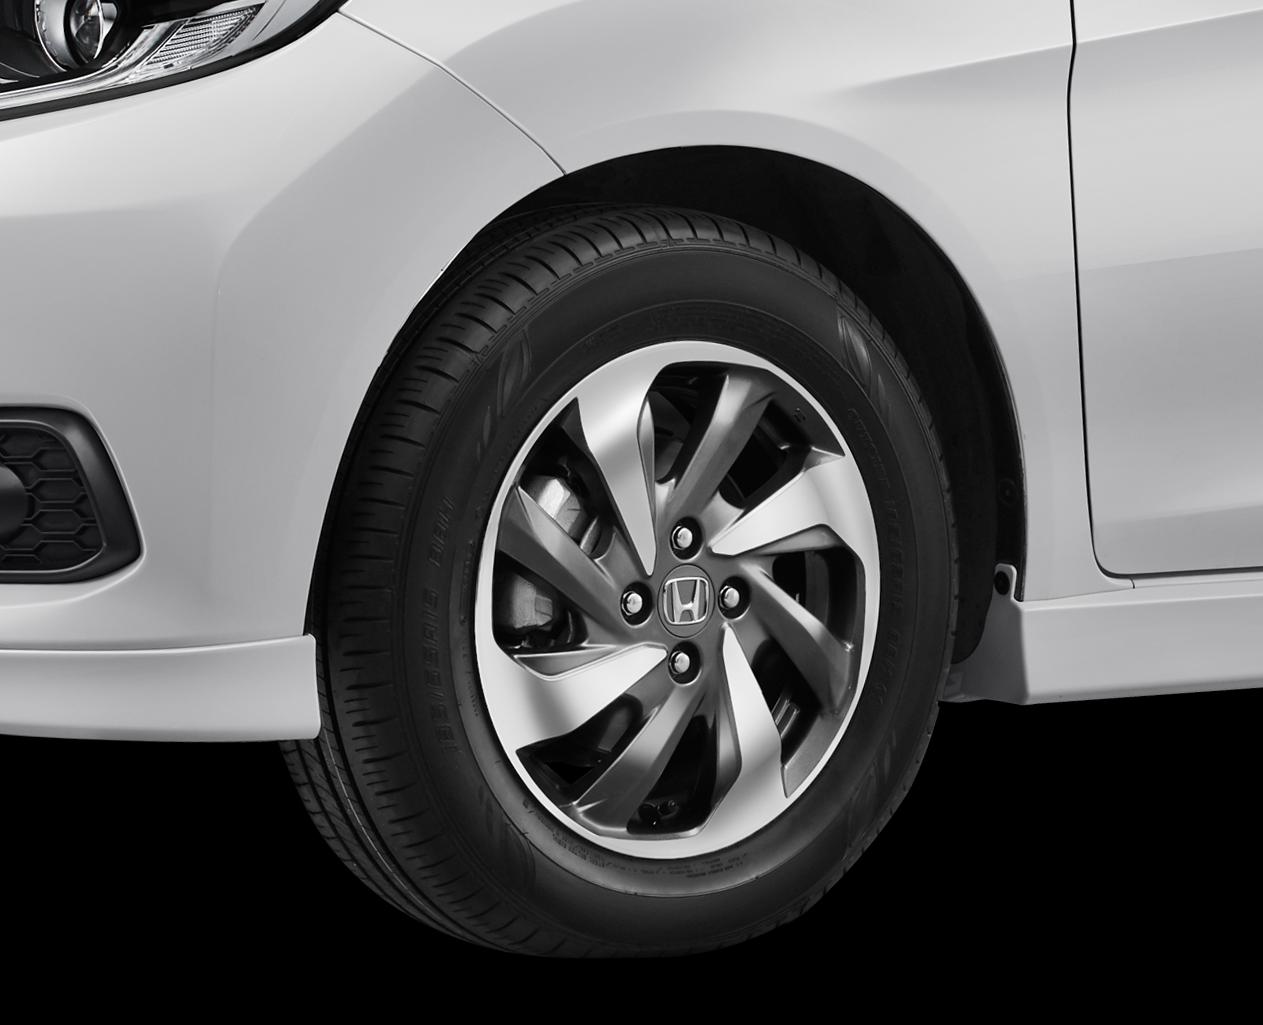 New-1522-Alloy-Wheel-Design-Tipe-E.